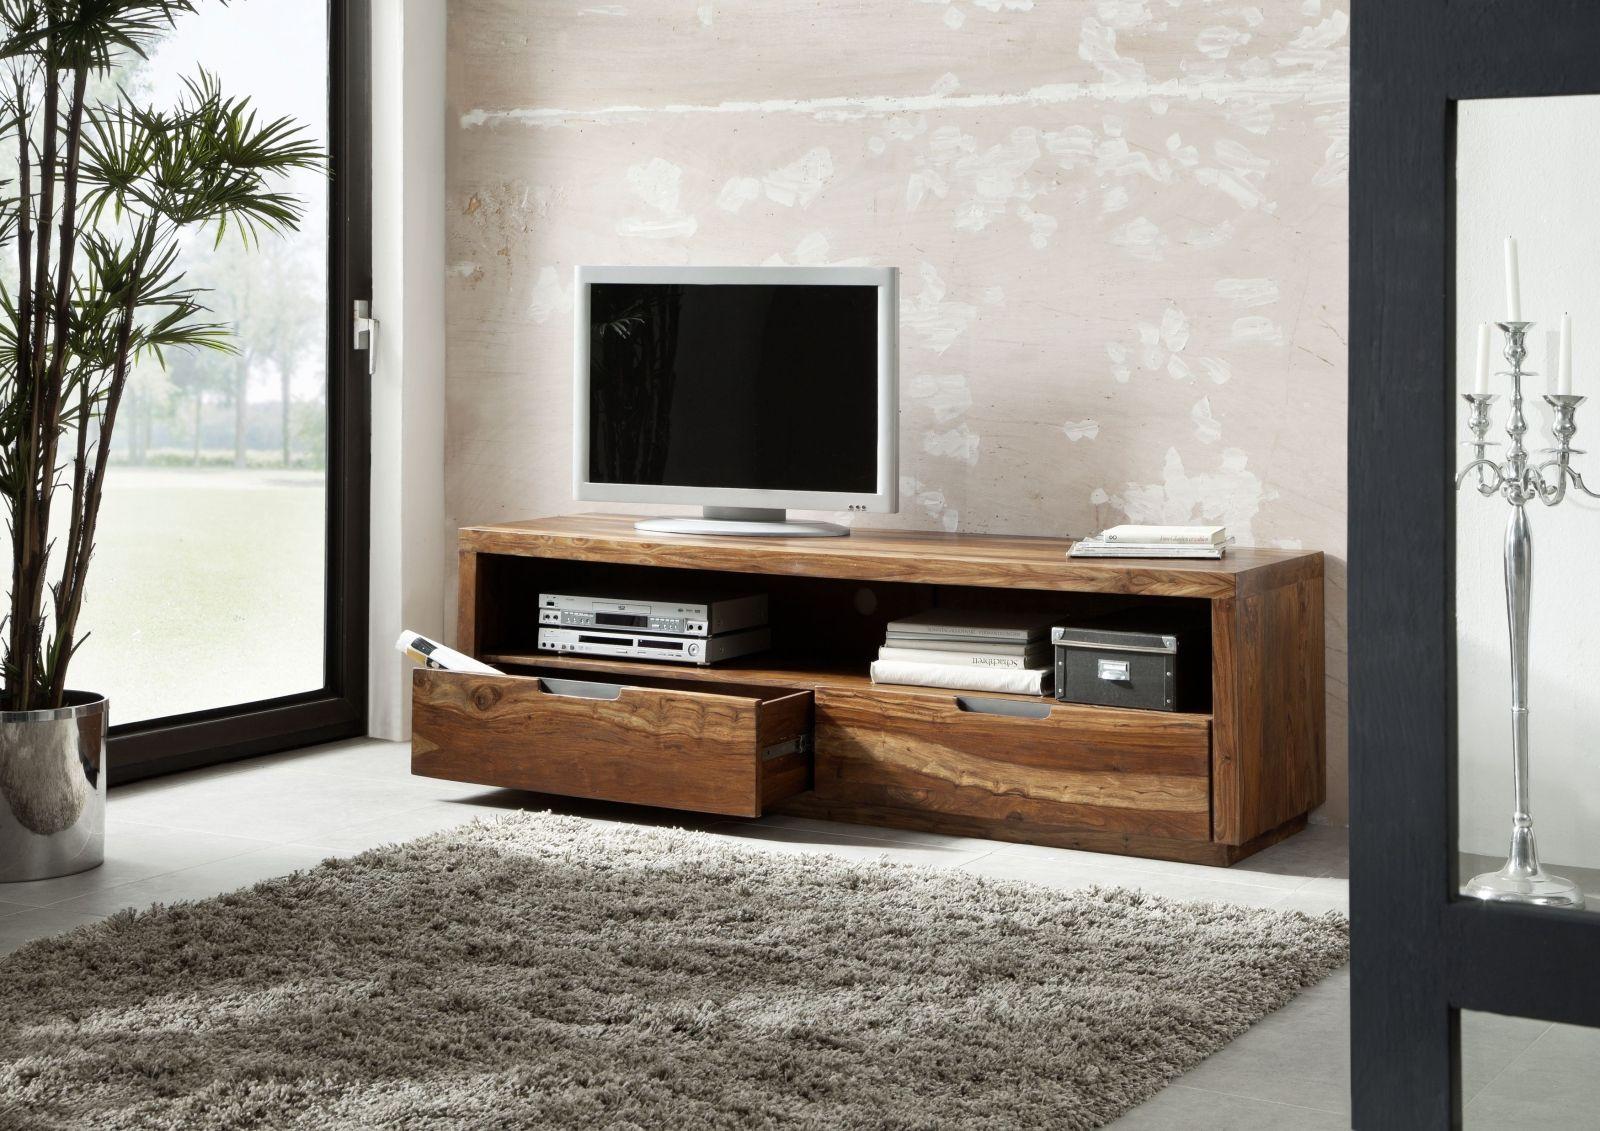 Wohnzimmermobel Eiche Modern Hifi Tv Rack Glas Fernsehschrank